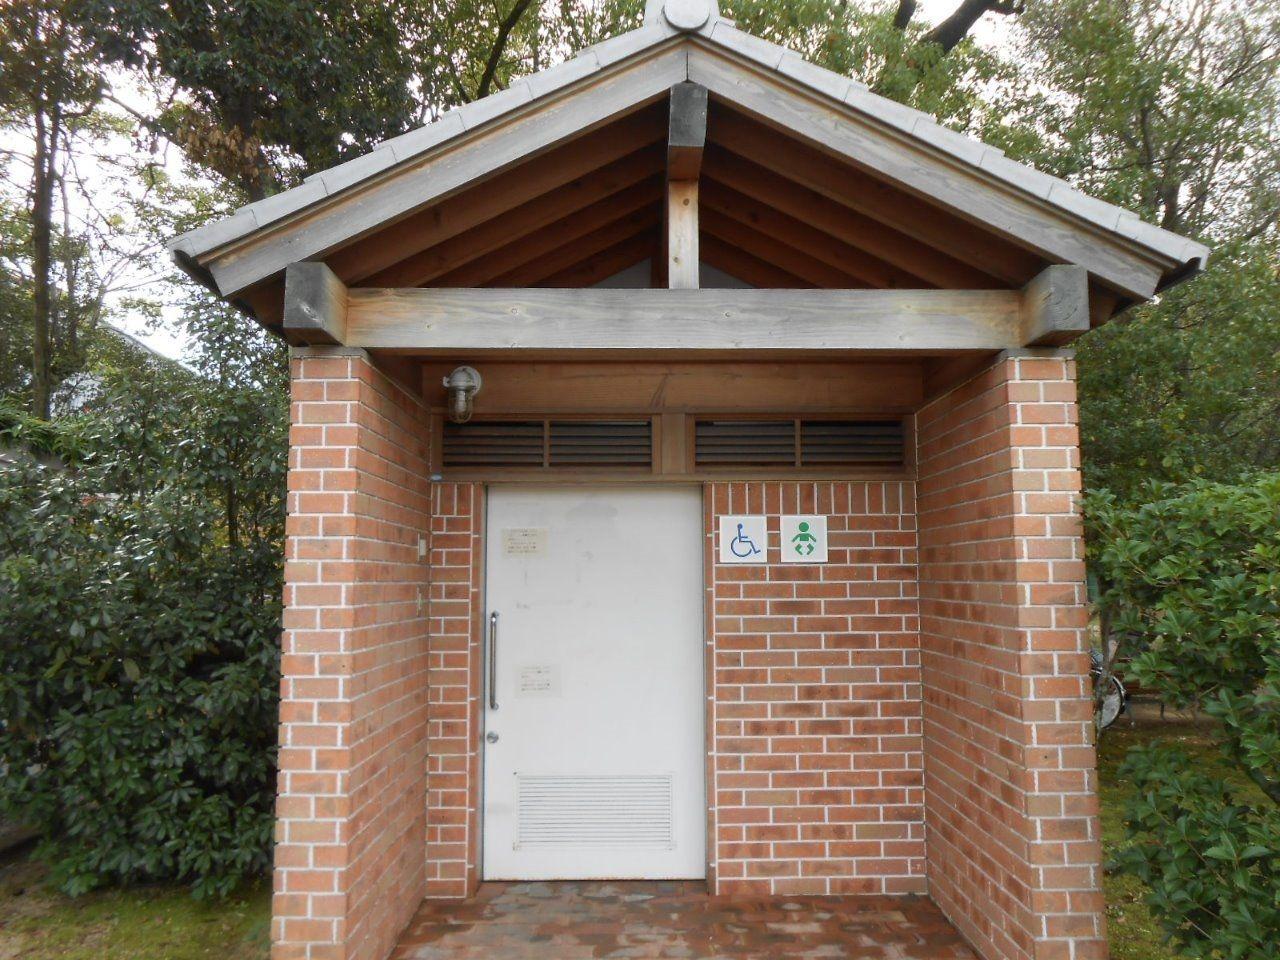 岡山県総合グラウンド ユニバーサルデザイン オムツ替えベッド付多目的トイレ